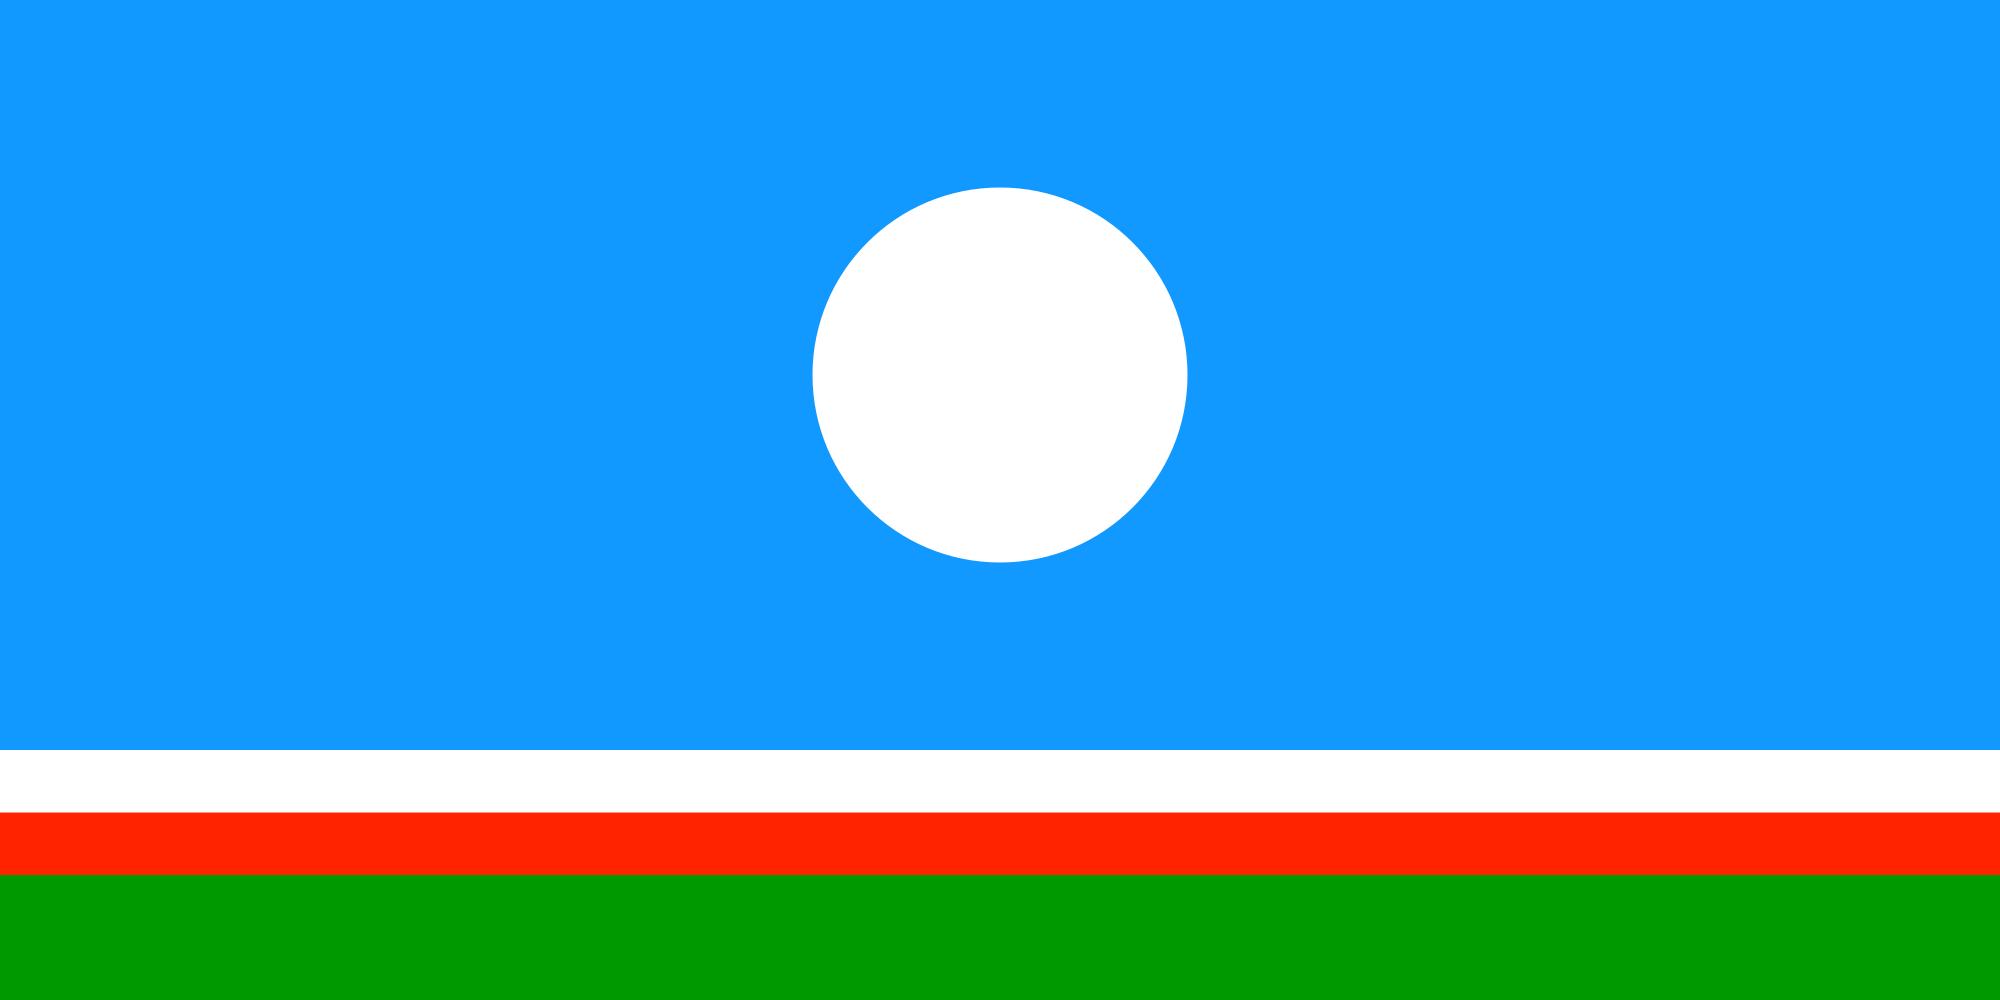 Флаг Республики Саха